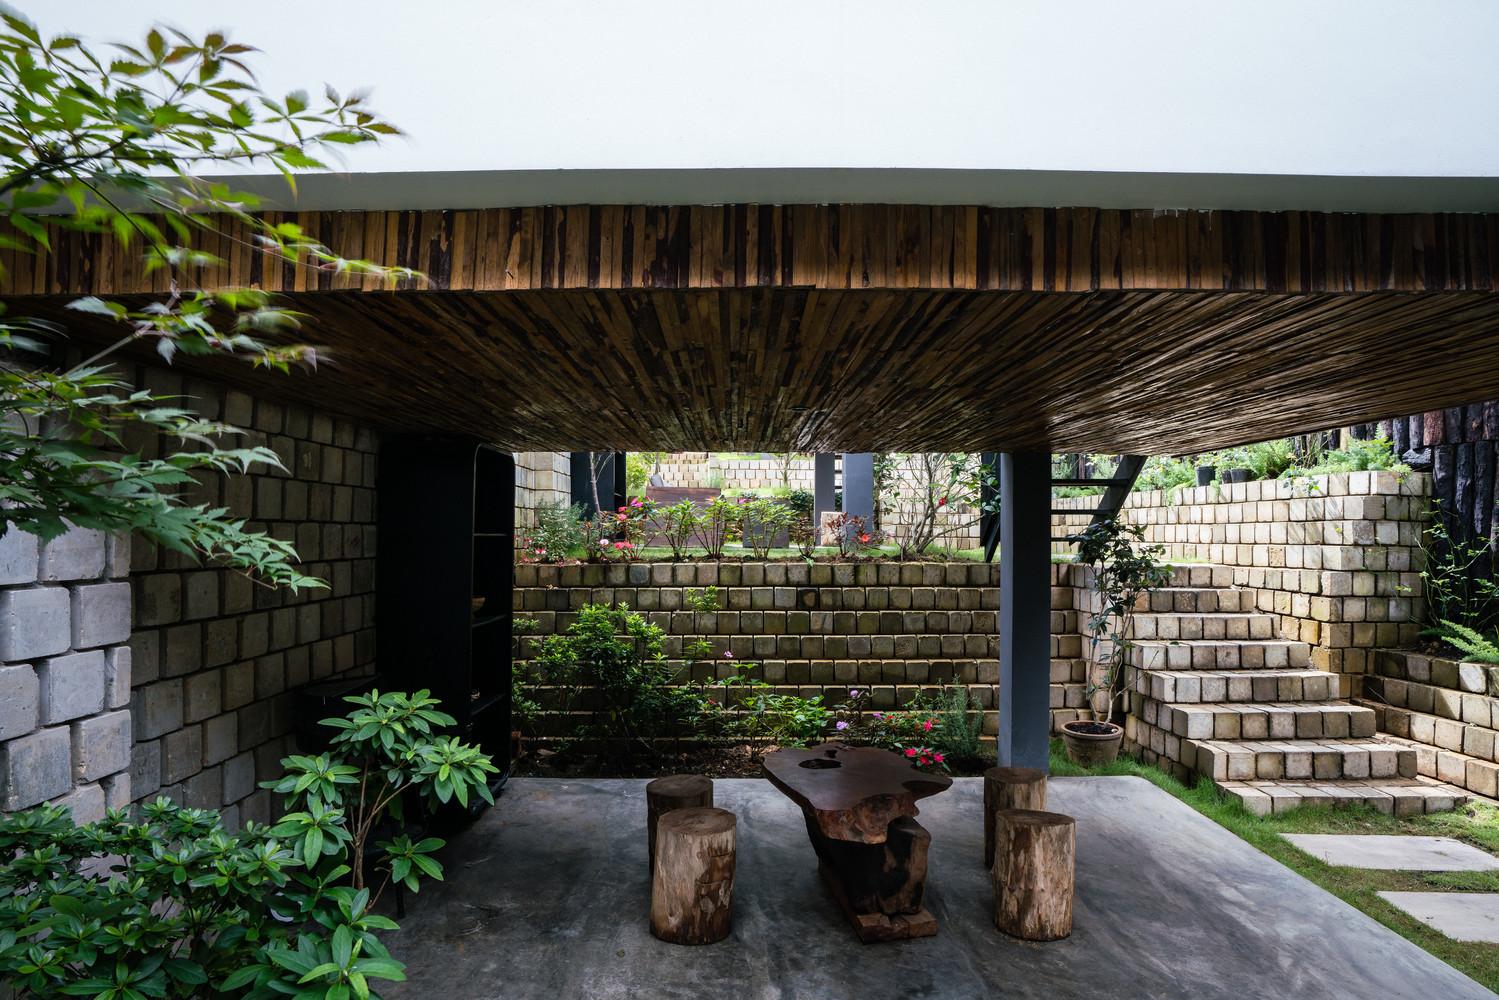 Các không gian sinh hoạt chung khá mát mẻ, dễ chịu với hoa thơm, cỏ mát và cây cối xanh mượt mà